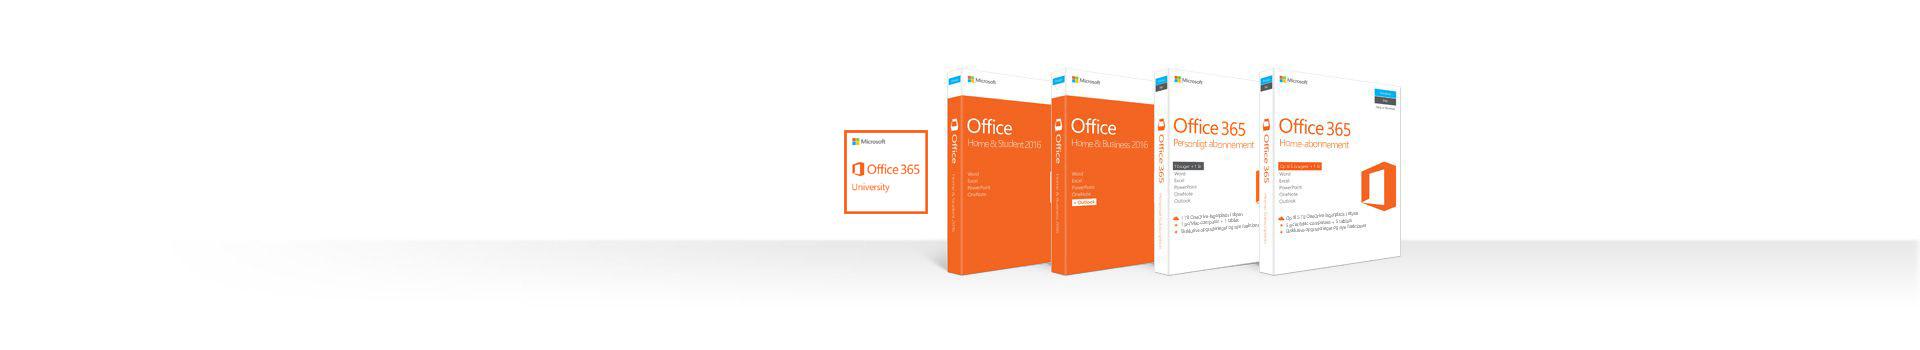 En række kasser med Office 2016- og Office 365-produkter til Mac